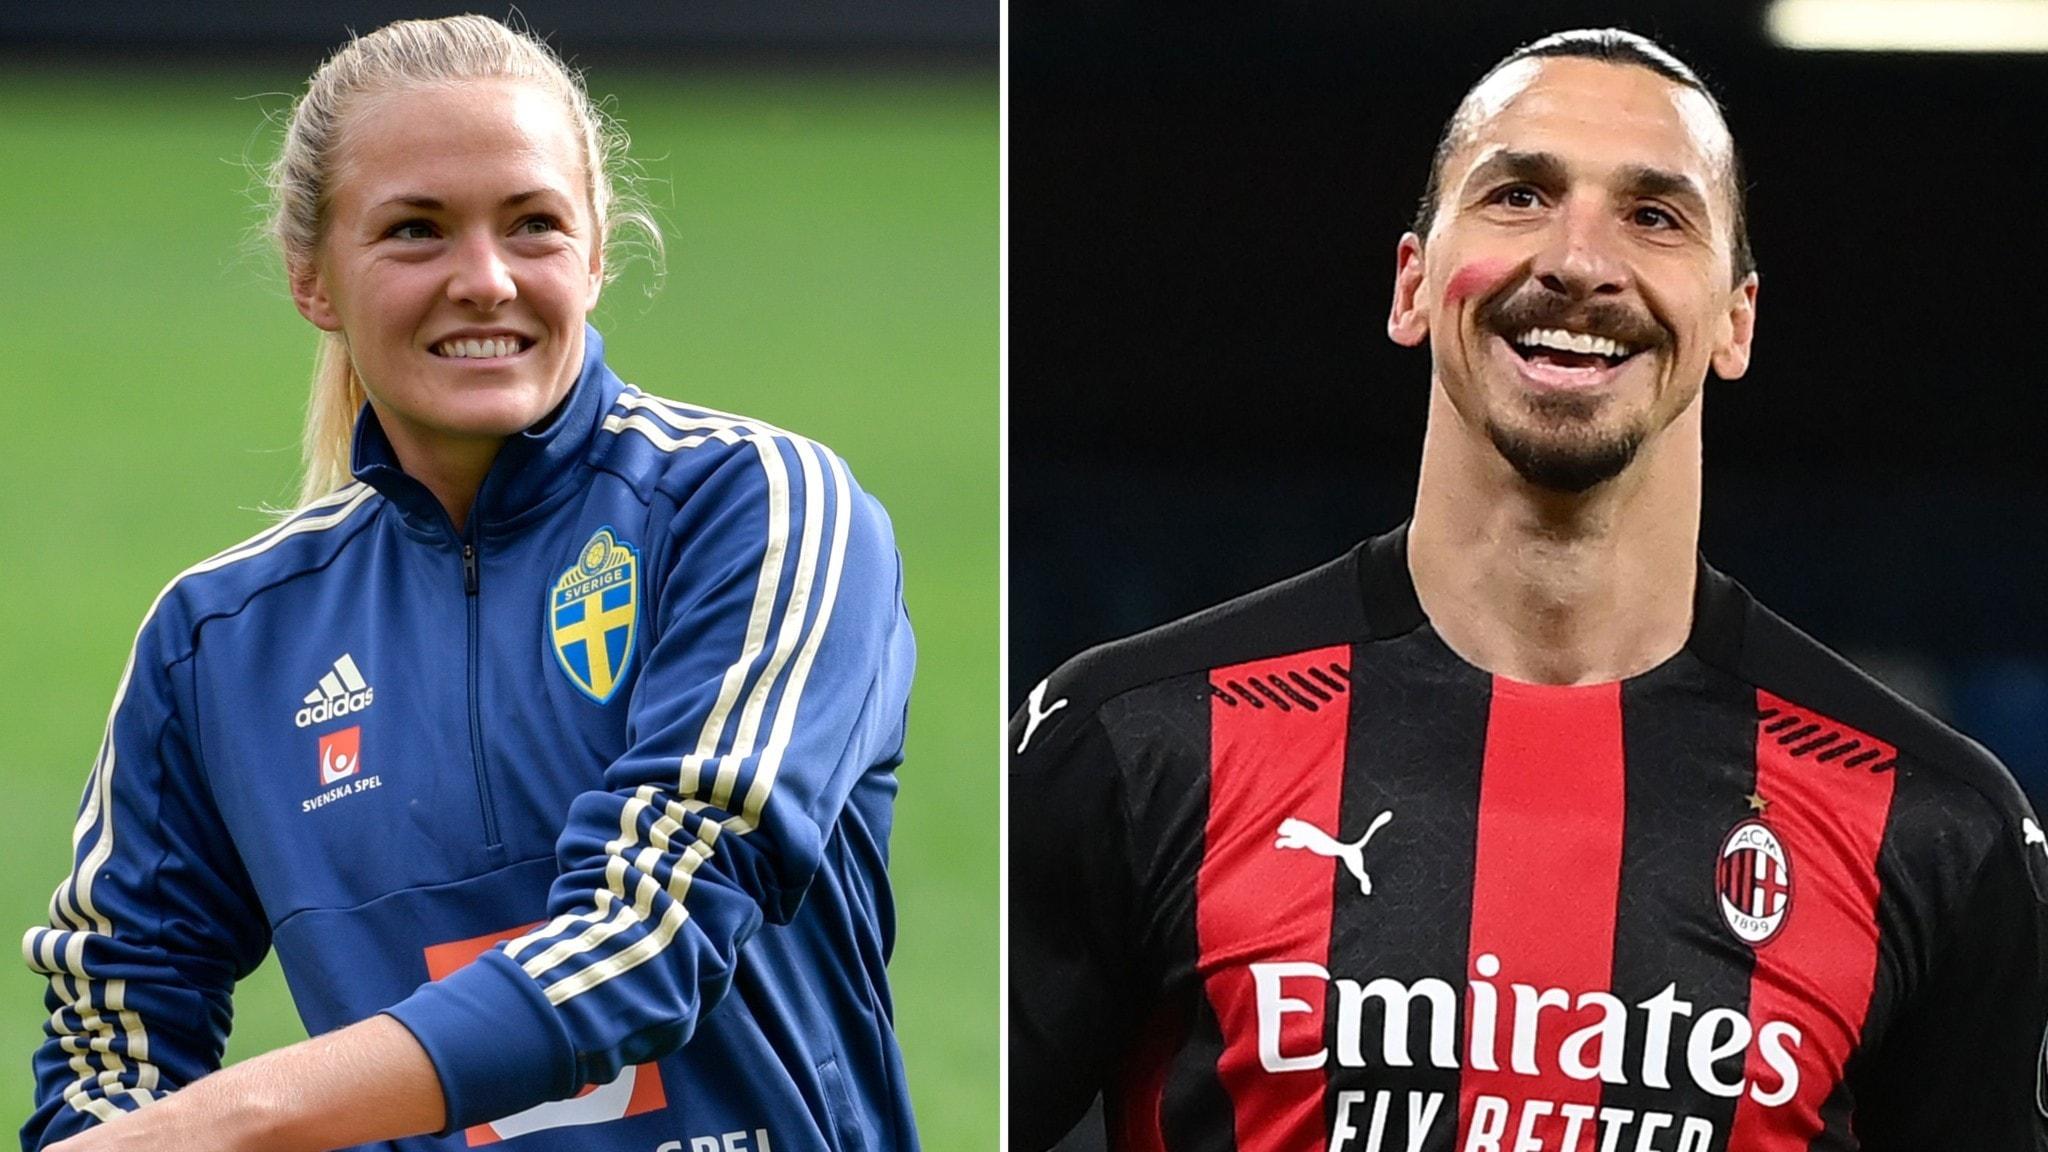 De är årets bästa svenska fotbollsspelare